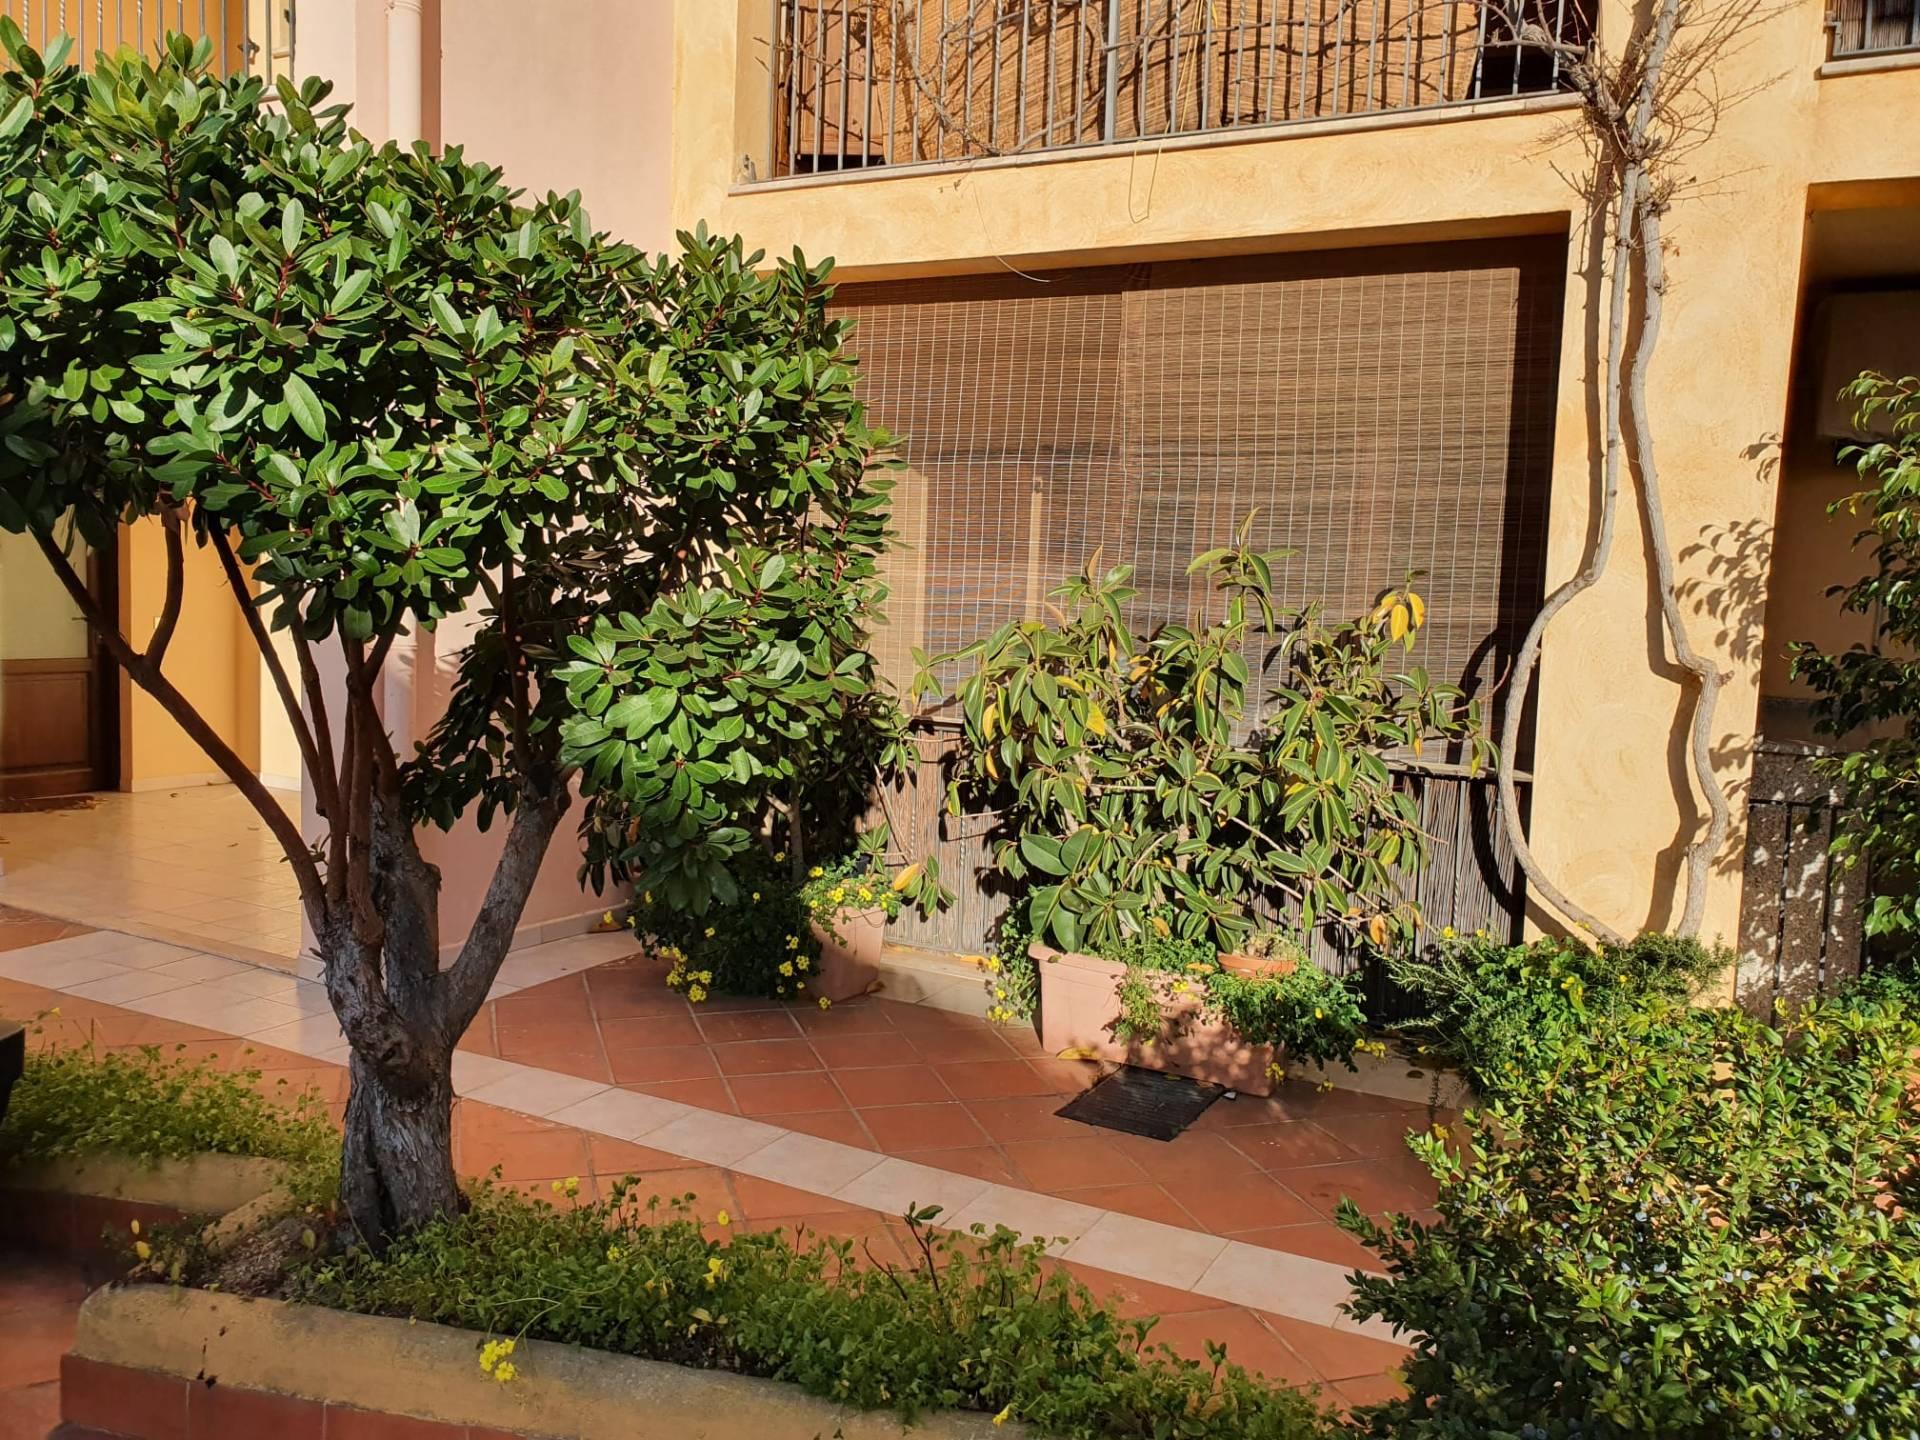 Appartamento in vendita a Tortolì, 2 locali, prezzo € 90.000 | PortaleAgenzieImmobiliari.it